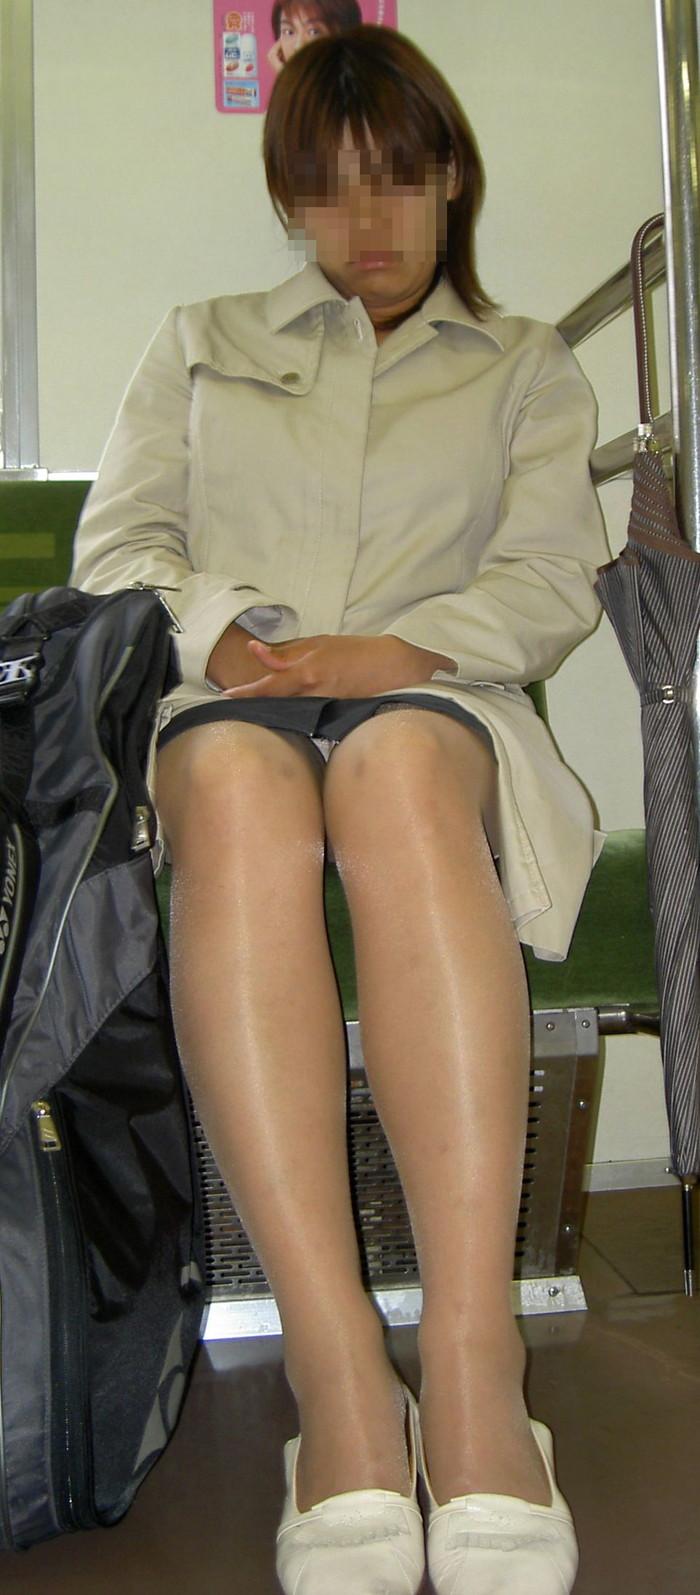 【対面パンチラエロ画像】電車内で対面に座った女の股間が気になって仕方ないww 20